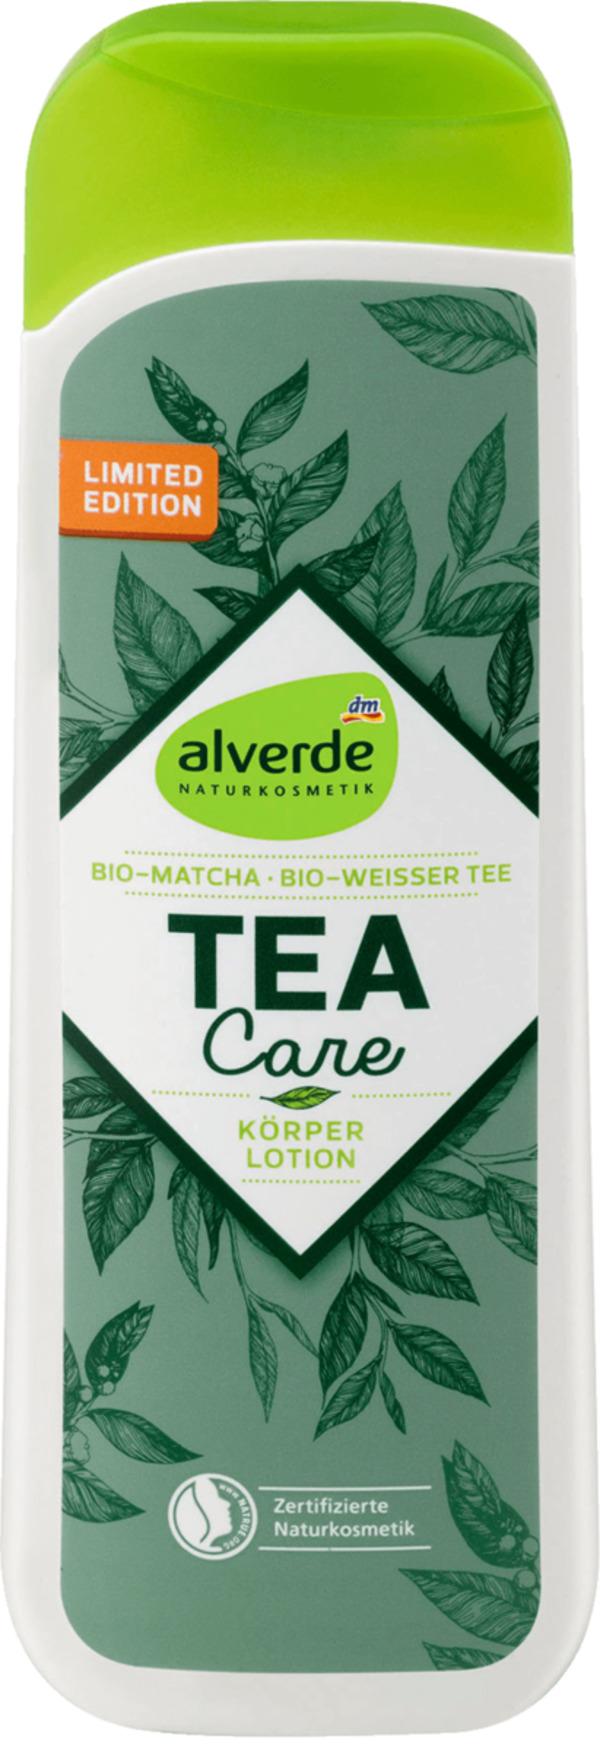 Alverde Naturkosmetik Tea Care Körperlotion Von Dm Für 195